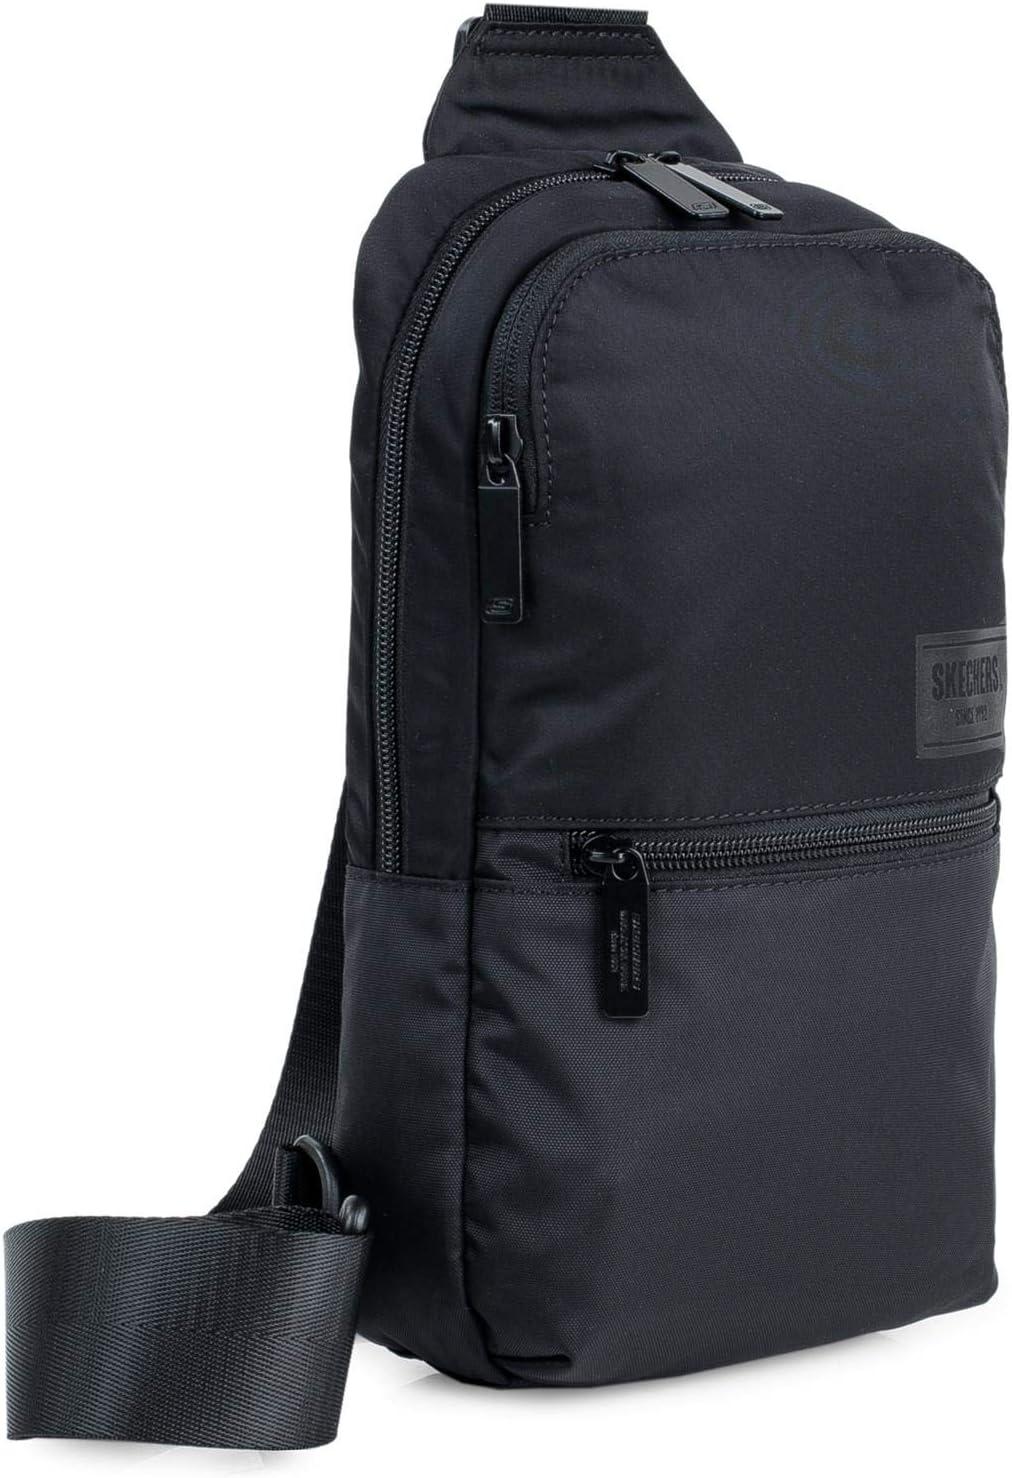 SKECHERS - Mochila Tipo Cross Bag Unisex Adulto con Bolsillo Interior iPad Tablet Ideal para Uso Diario Prática Cómoda VersátiL S973, Color Negro